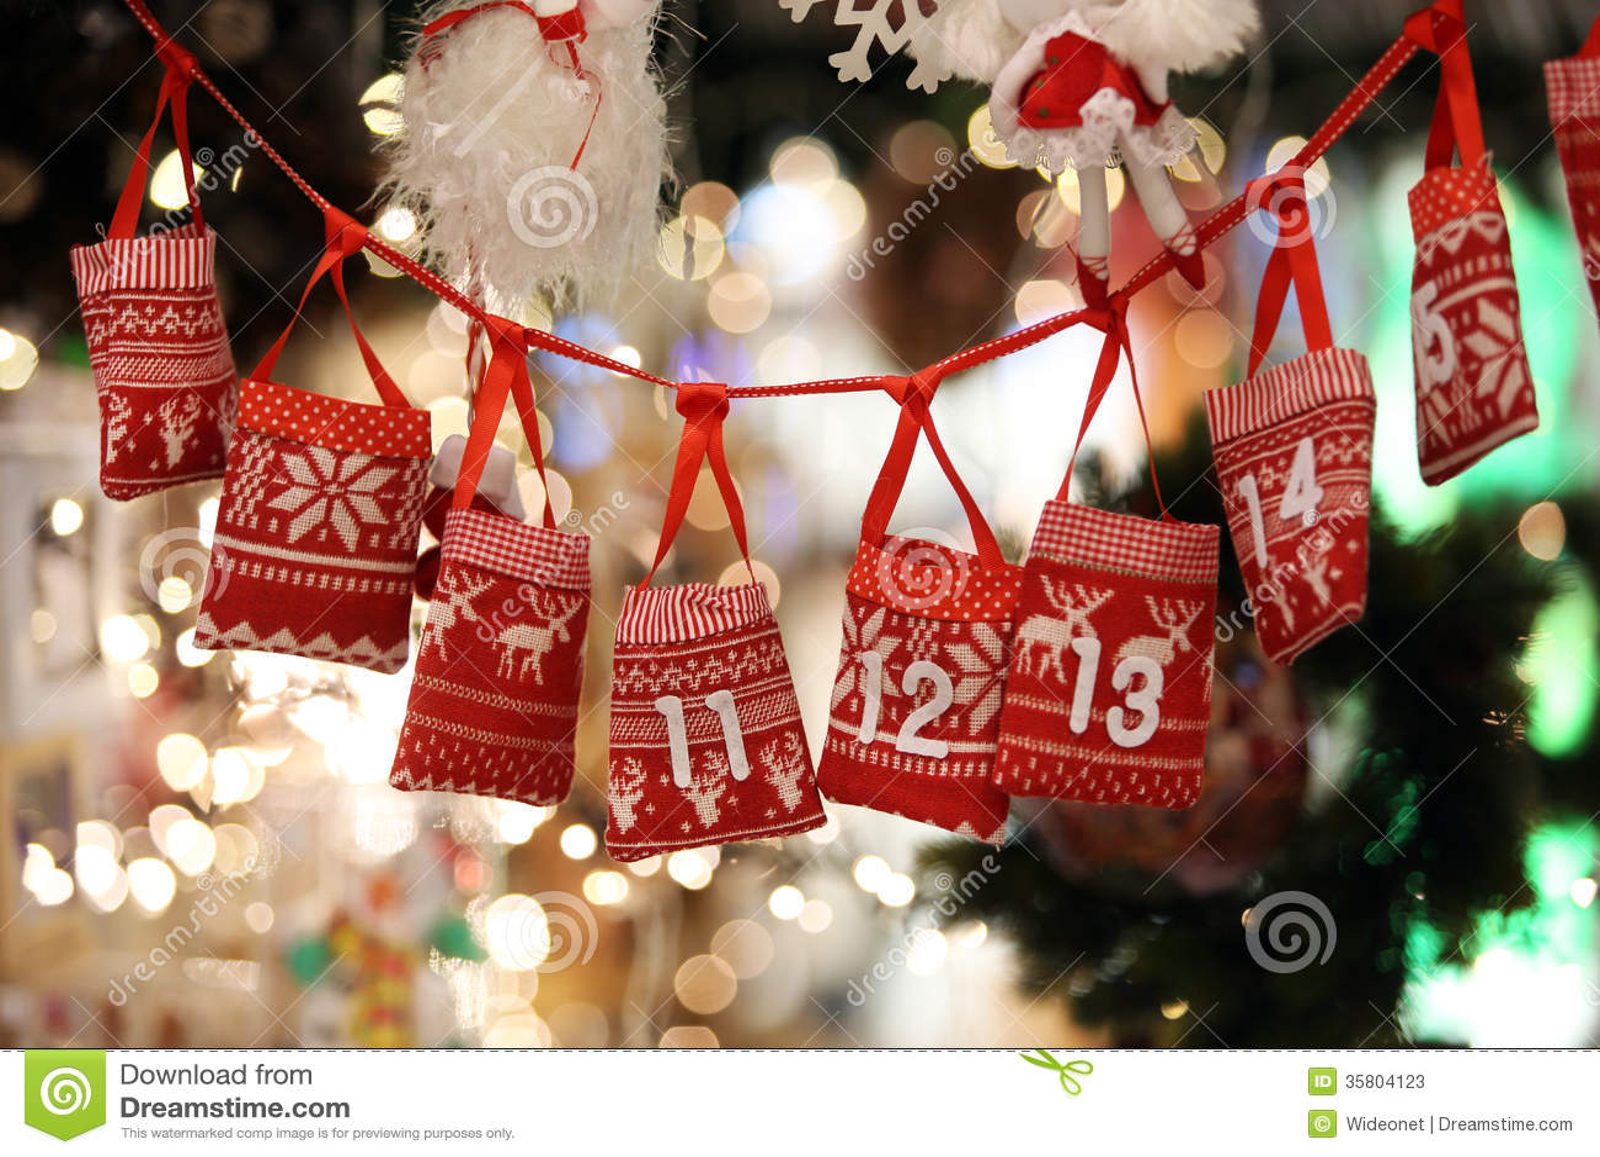 weihnachten advent calendar stockbild bild von feier. Black Bedroom Furniture Sets. Home Design Ideas